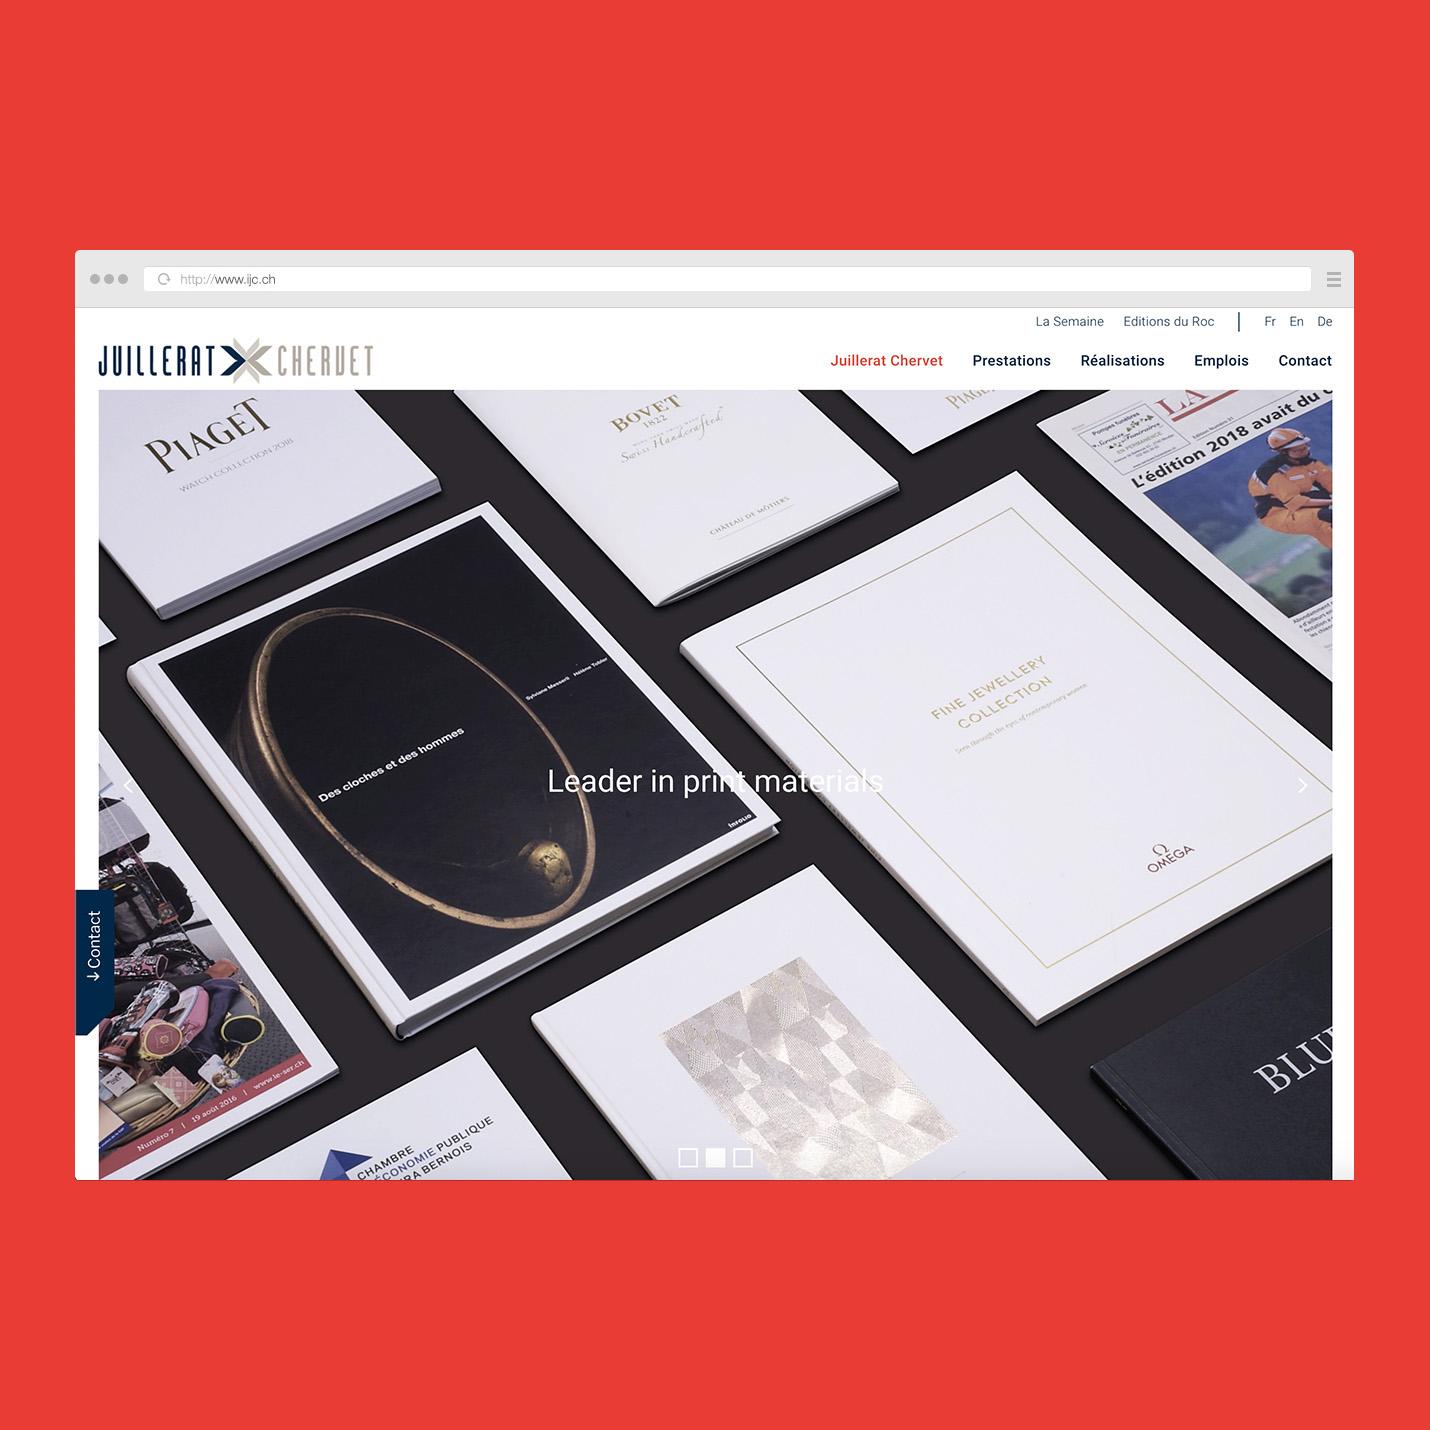 Juillerat & Chervet - Benjamin Floch - concepteur multimédia - La Chaux-de-Fonds